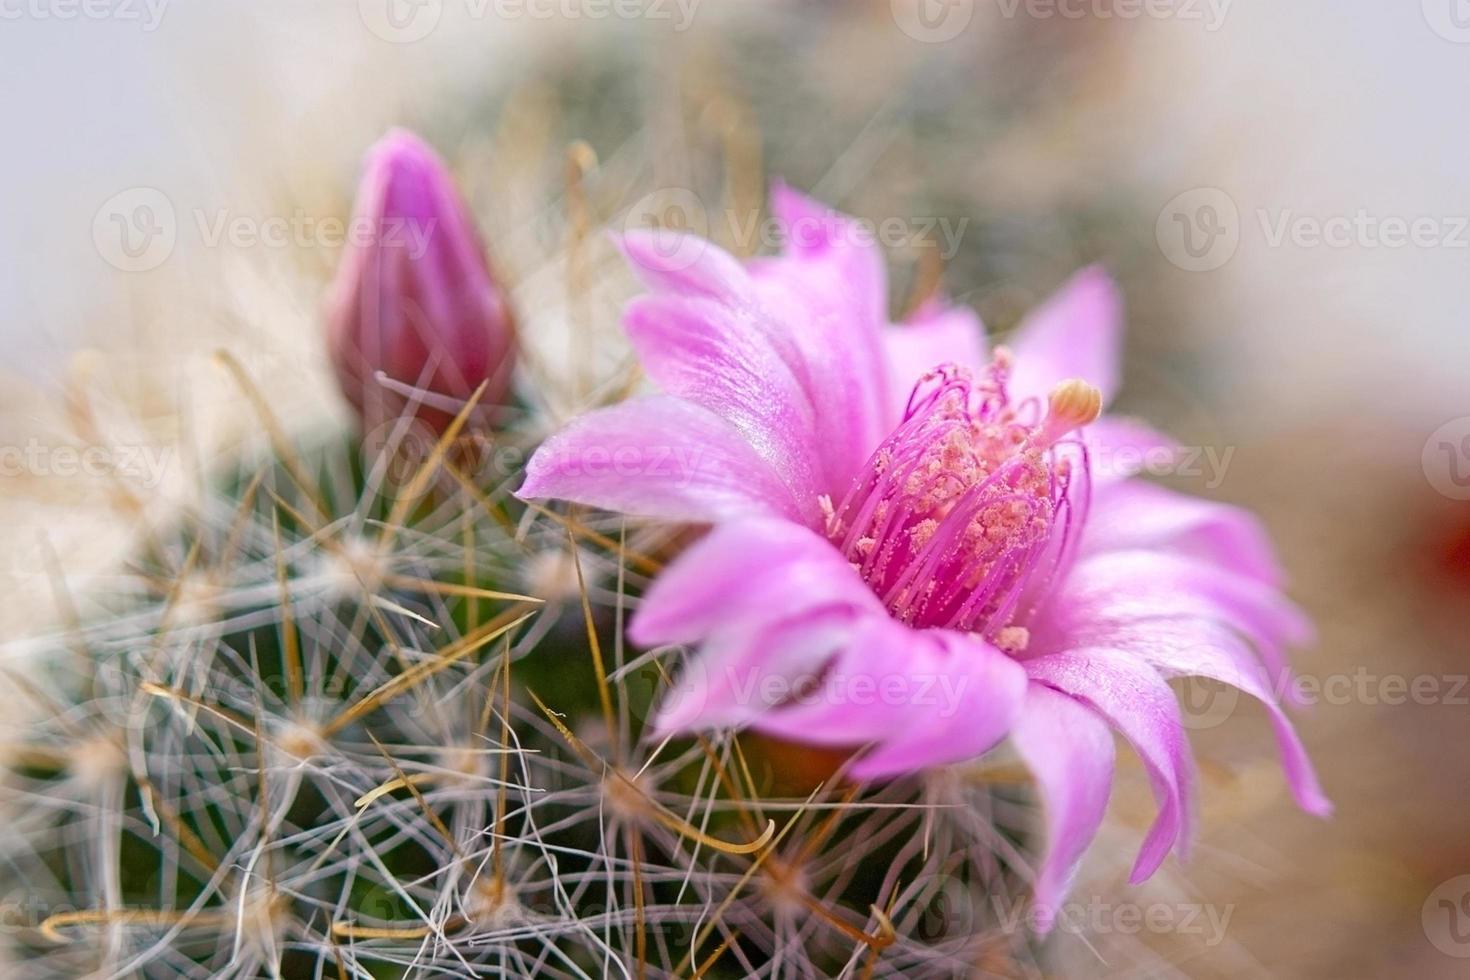 Cactus flower photo